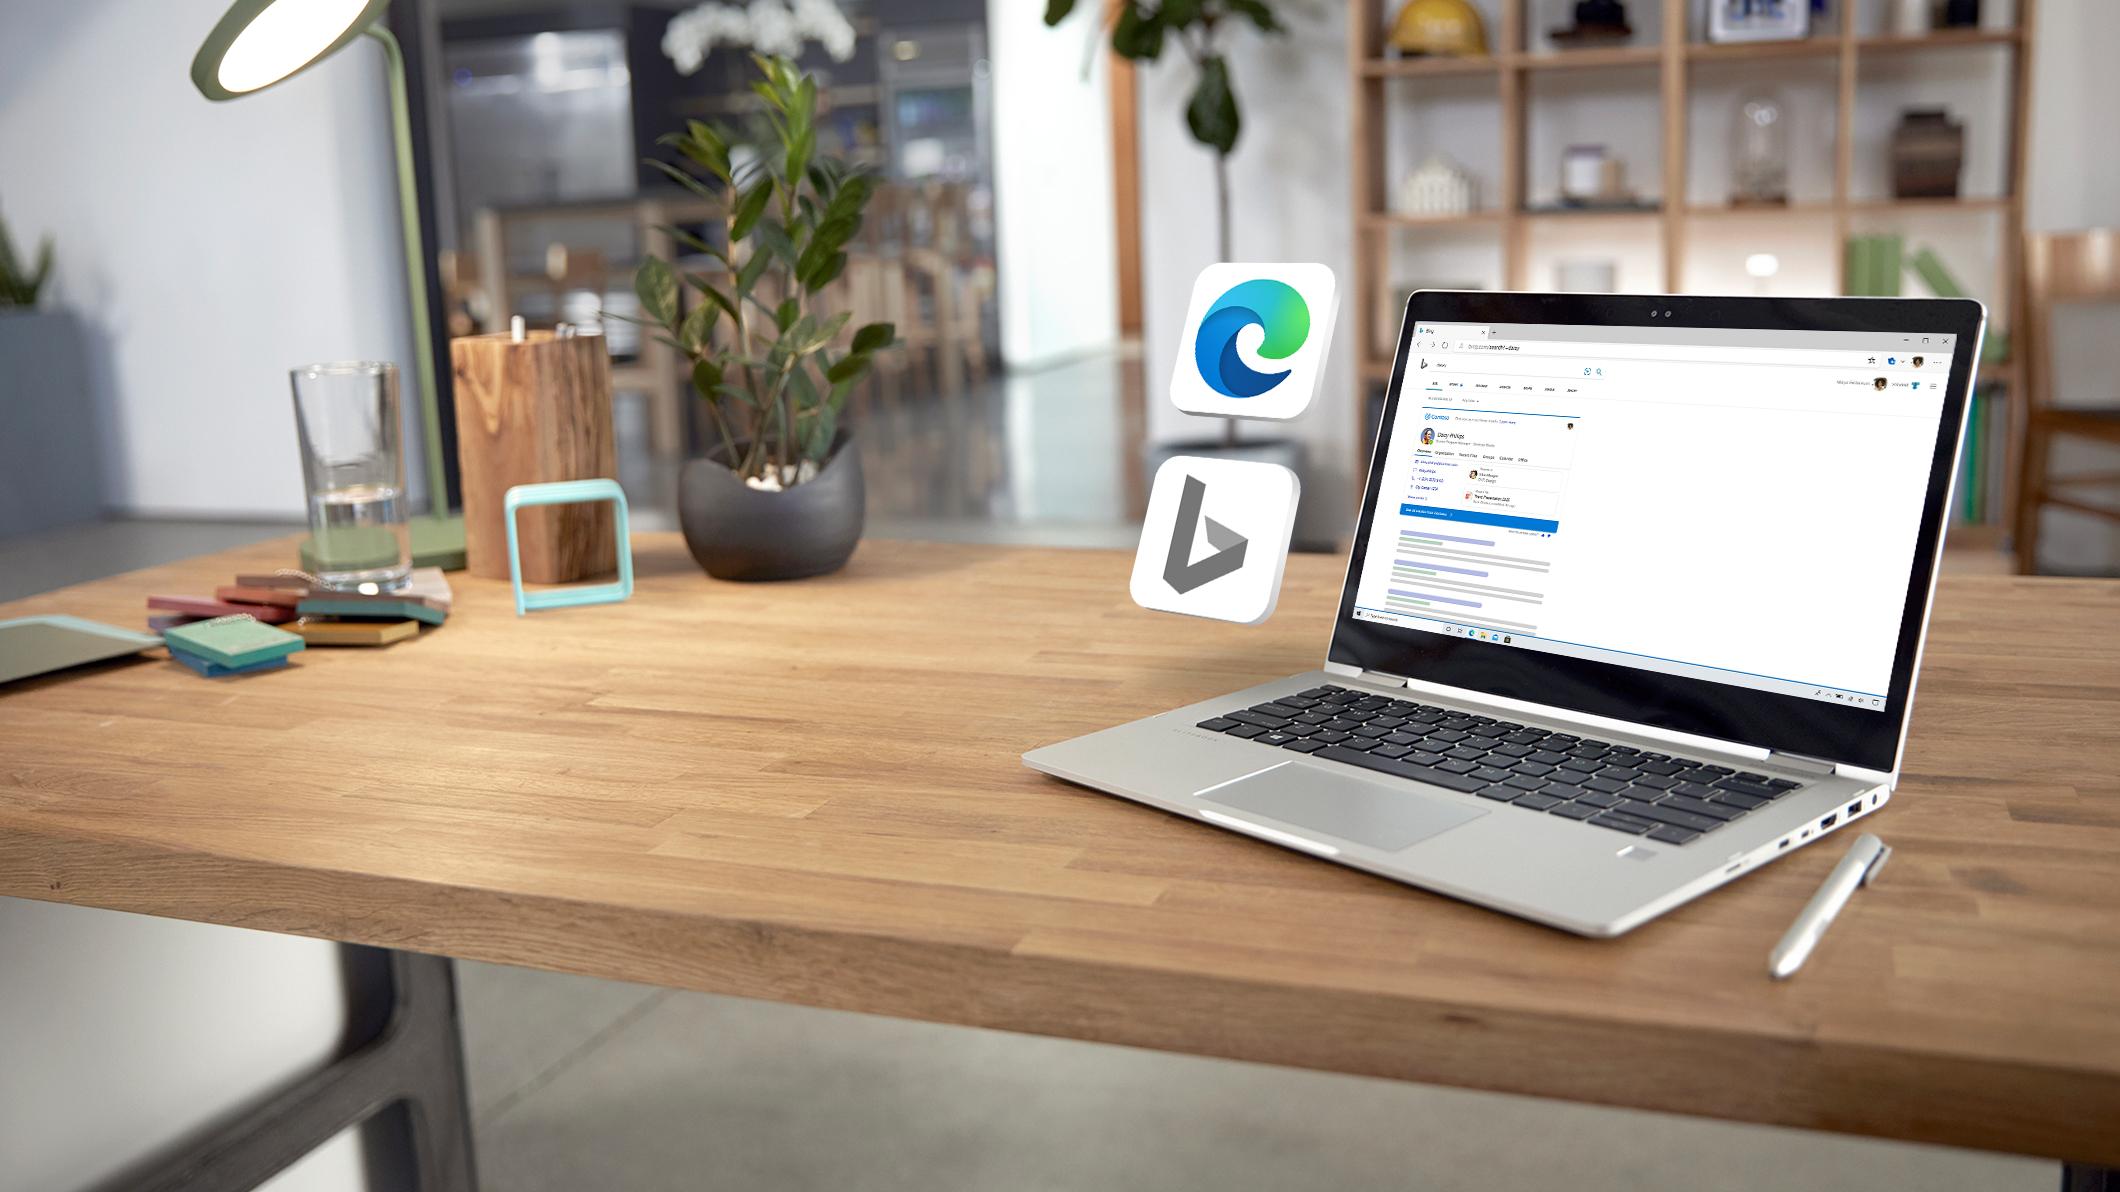 Stojący na biurku laptop wyświetlonym na ekranie oknem przeglądarki Microsoft Edge, w którym widać wyniki wyszukiwania uzyskane za pomocą funkcji Microsoft Search w Bing.